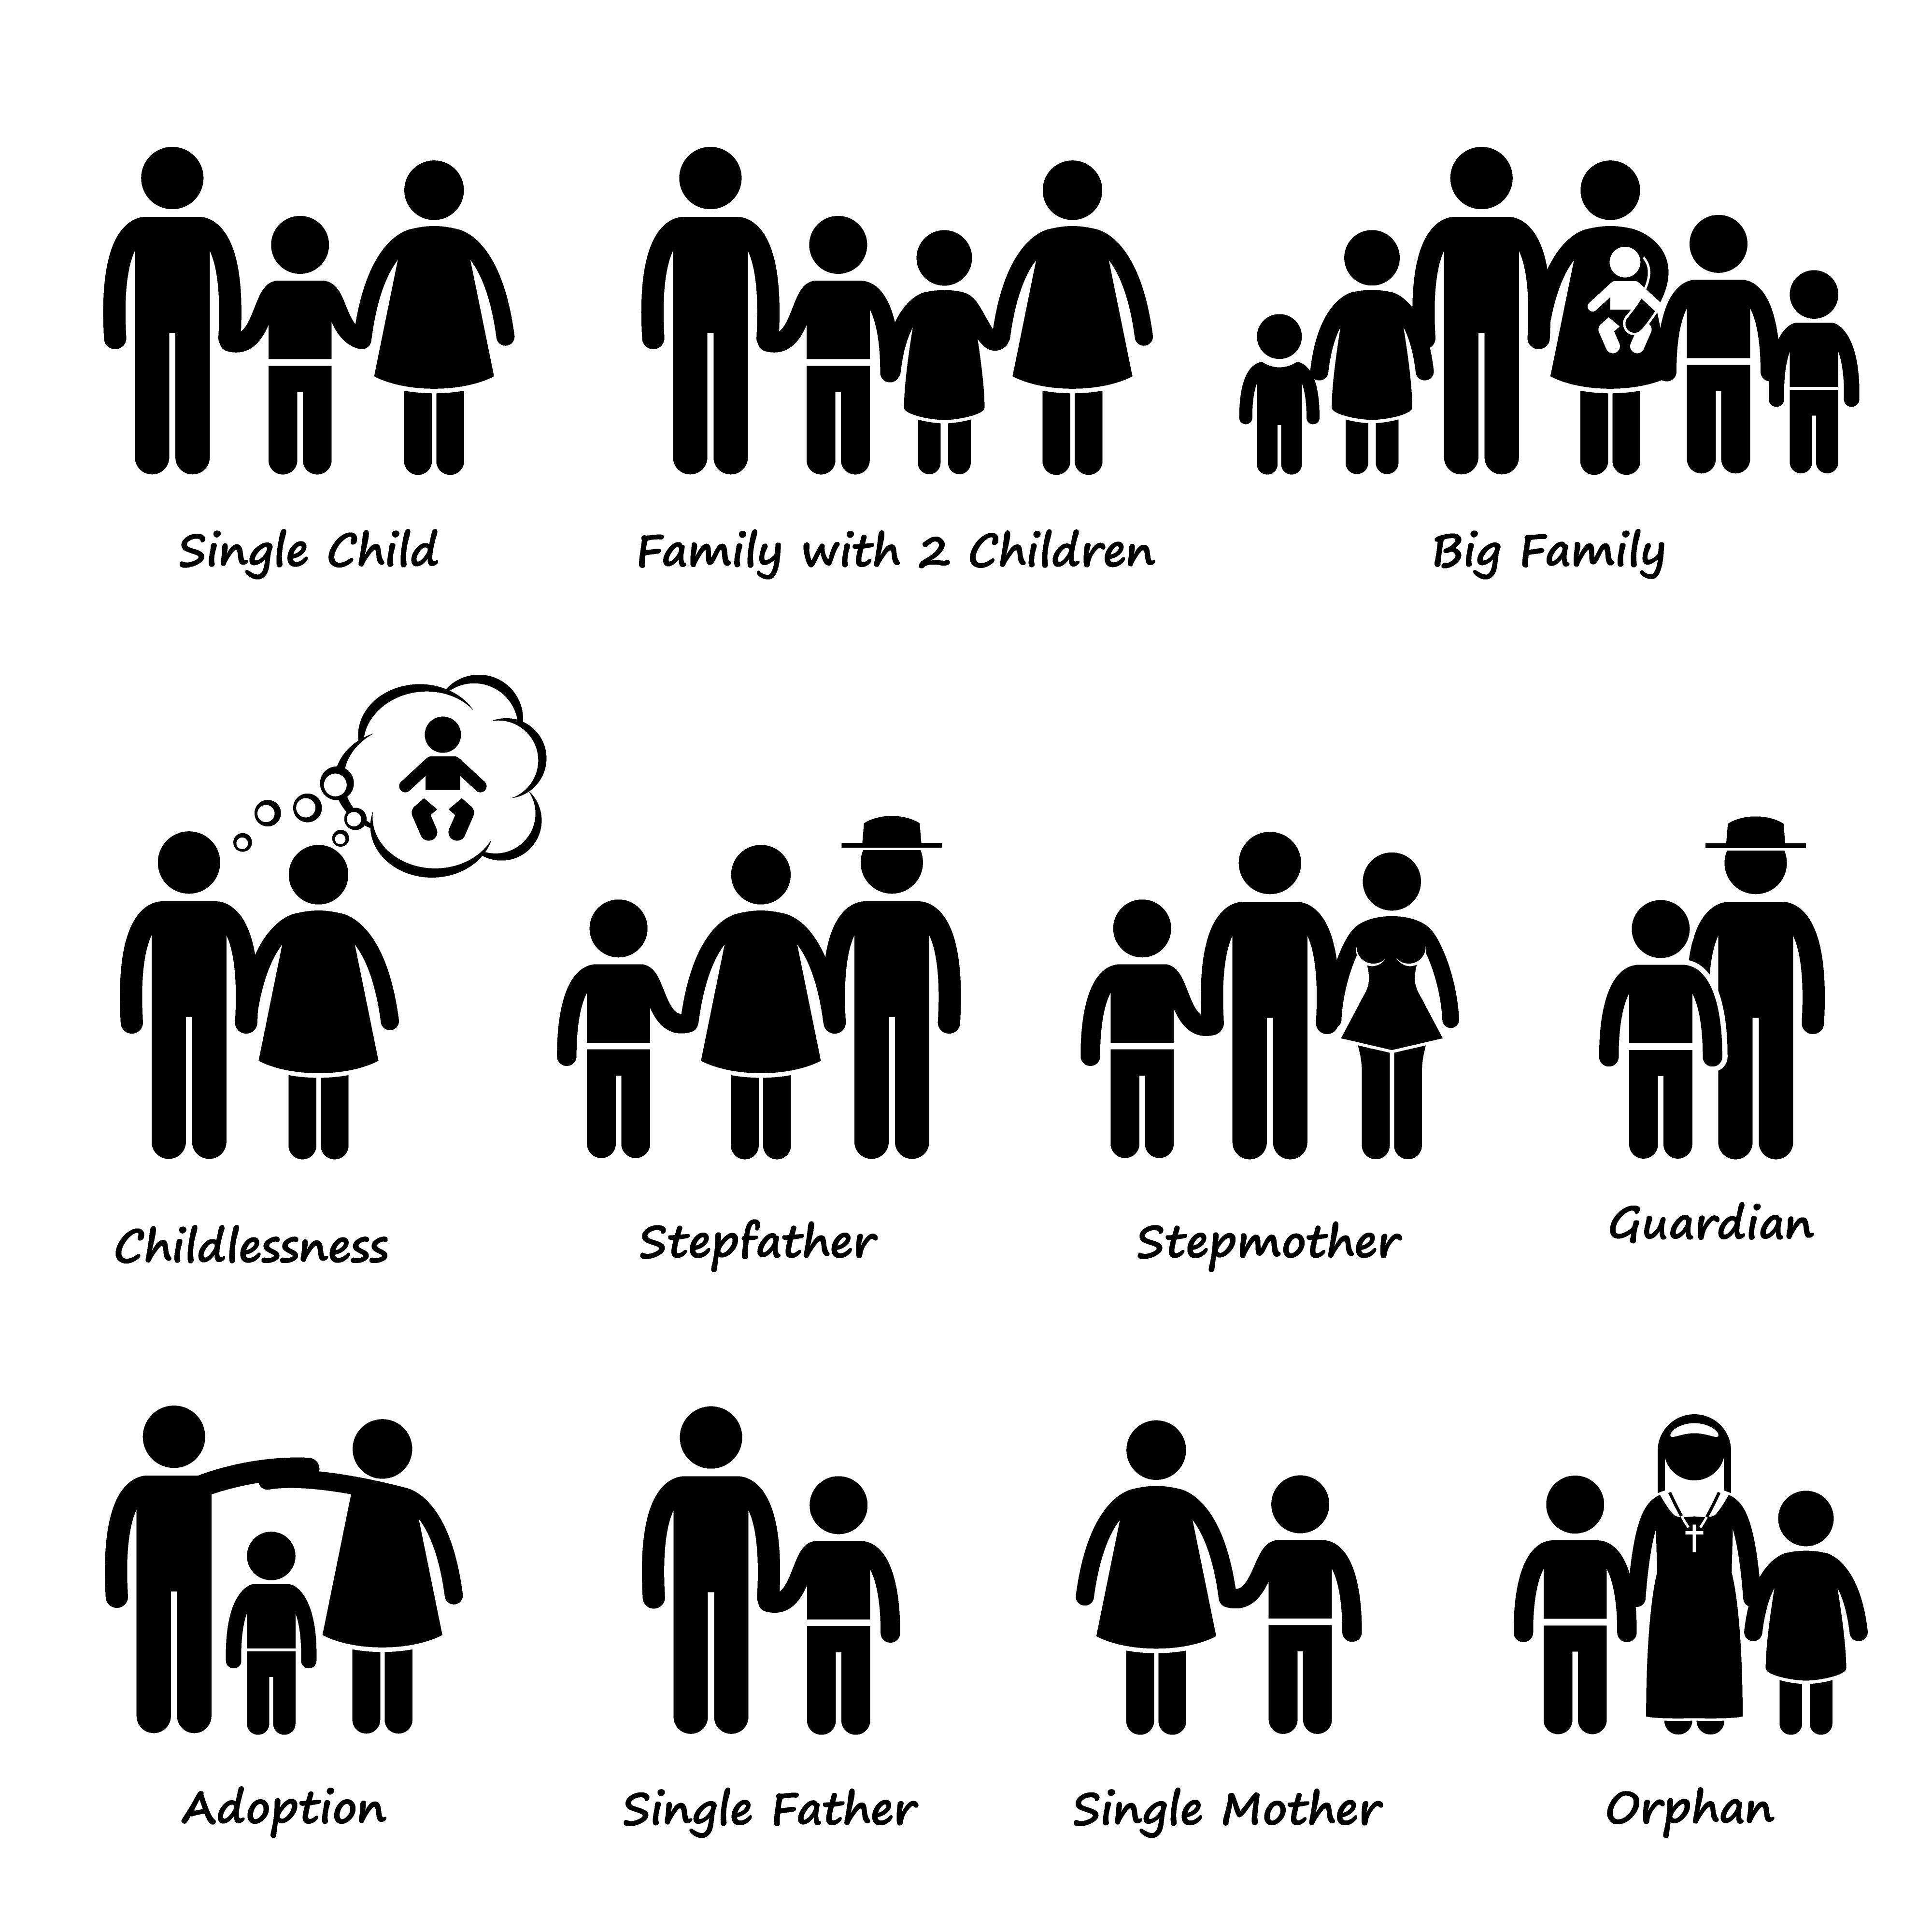 Simple plans cause mistakes for 10 unique families marquardt law